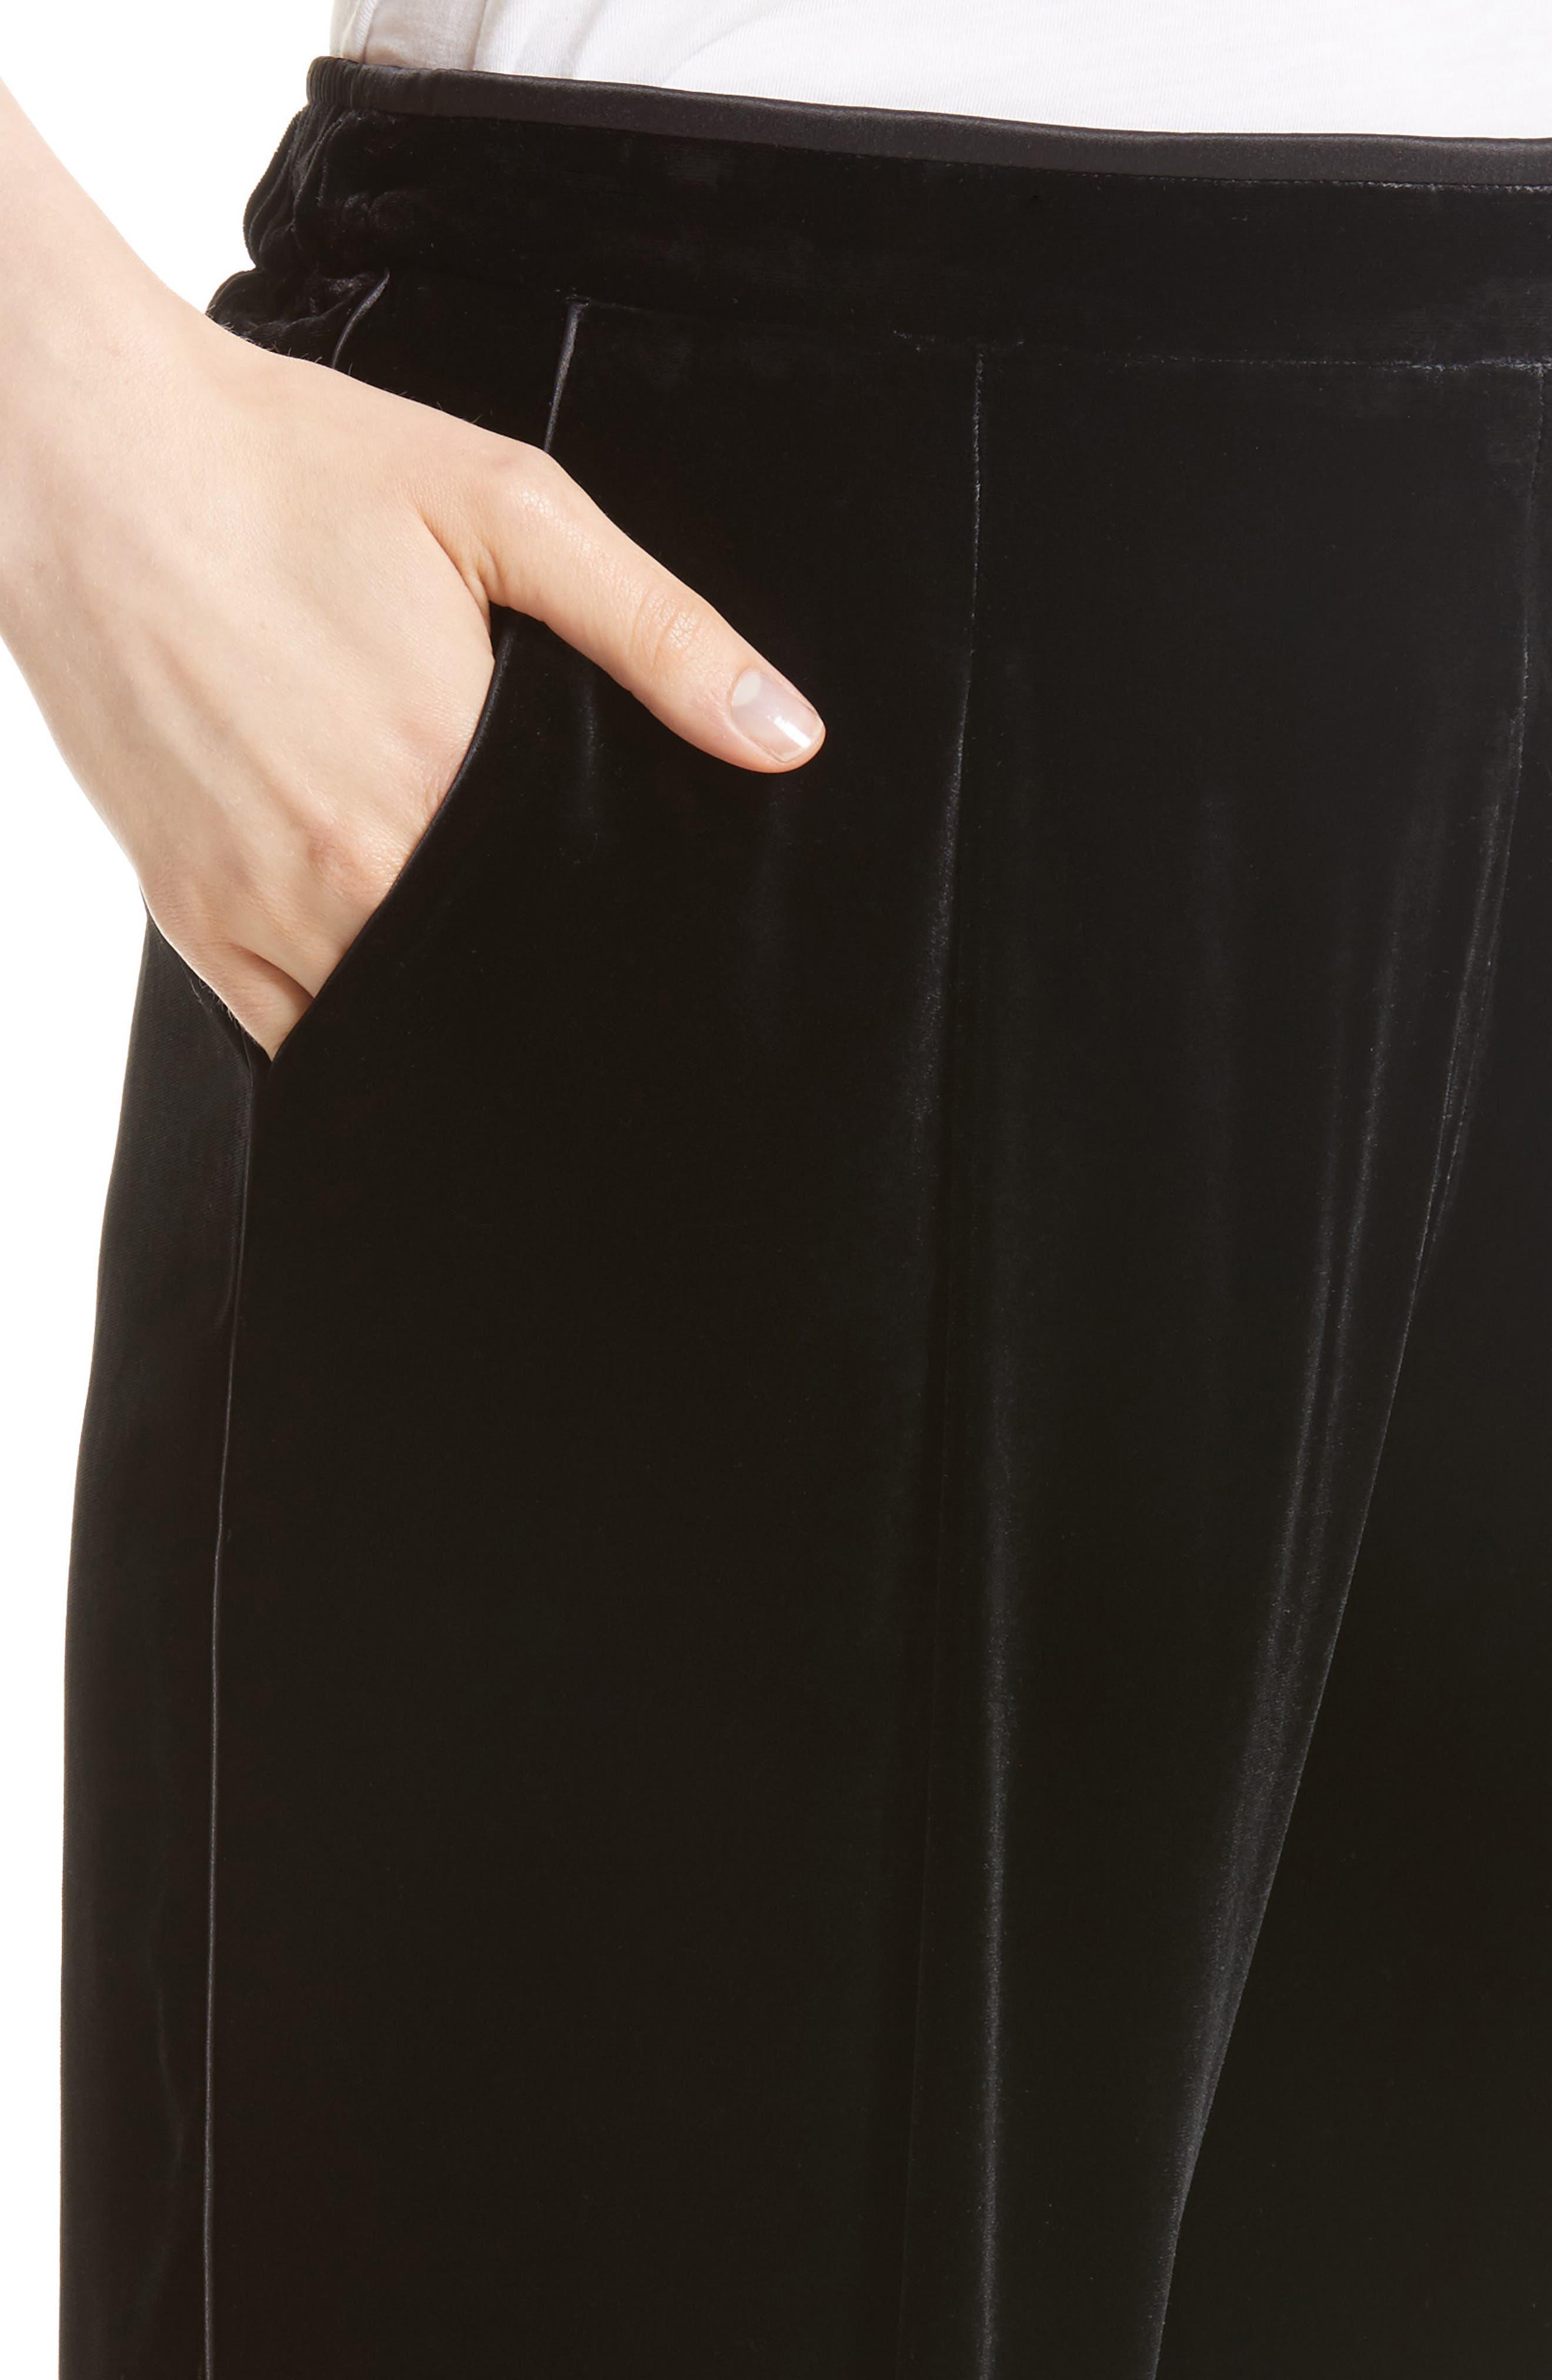 Soho Velvet Track Pants,                             Alternate thumbnail 4, color,                             Black